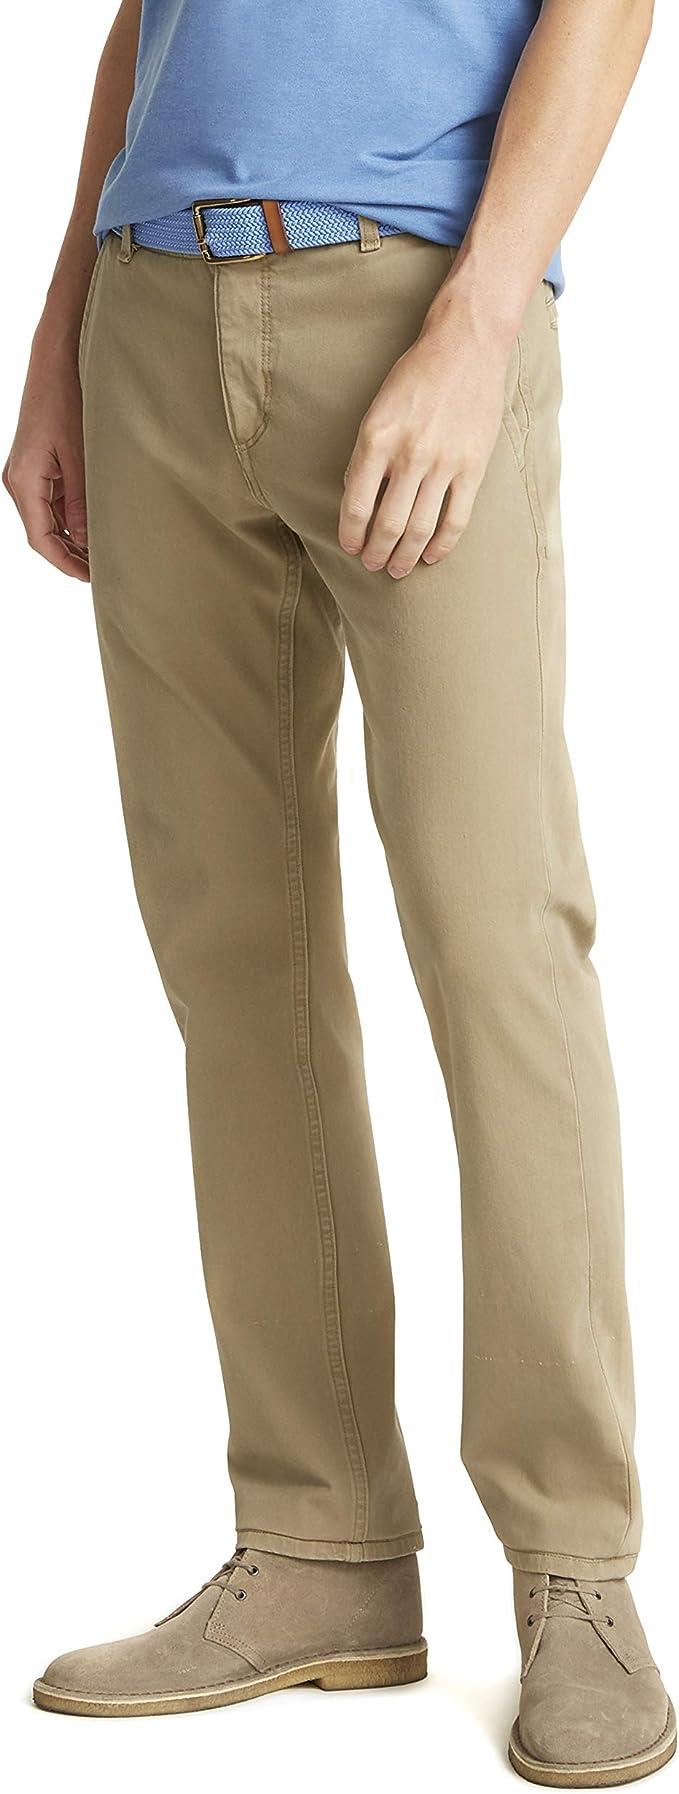 dockers Alpha Khaki 360 Pantalones para Hombre: Amazon.com.mx: Ropa, Zapatos y Accesorios